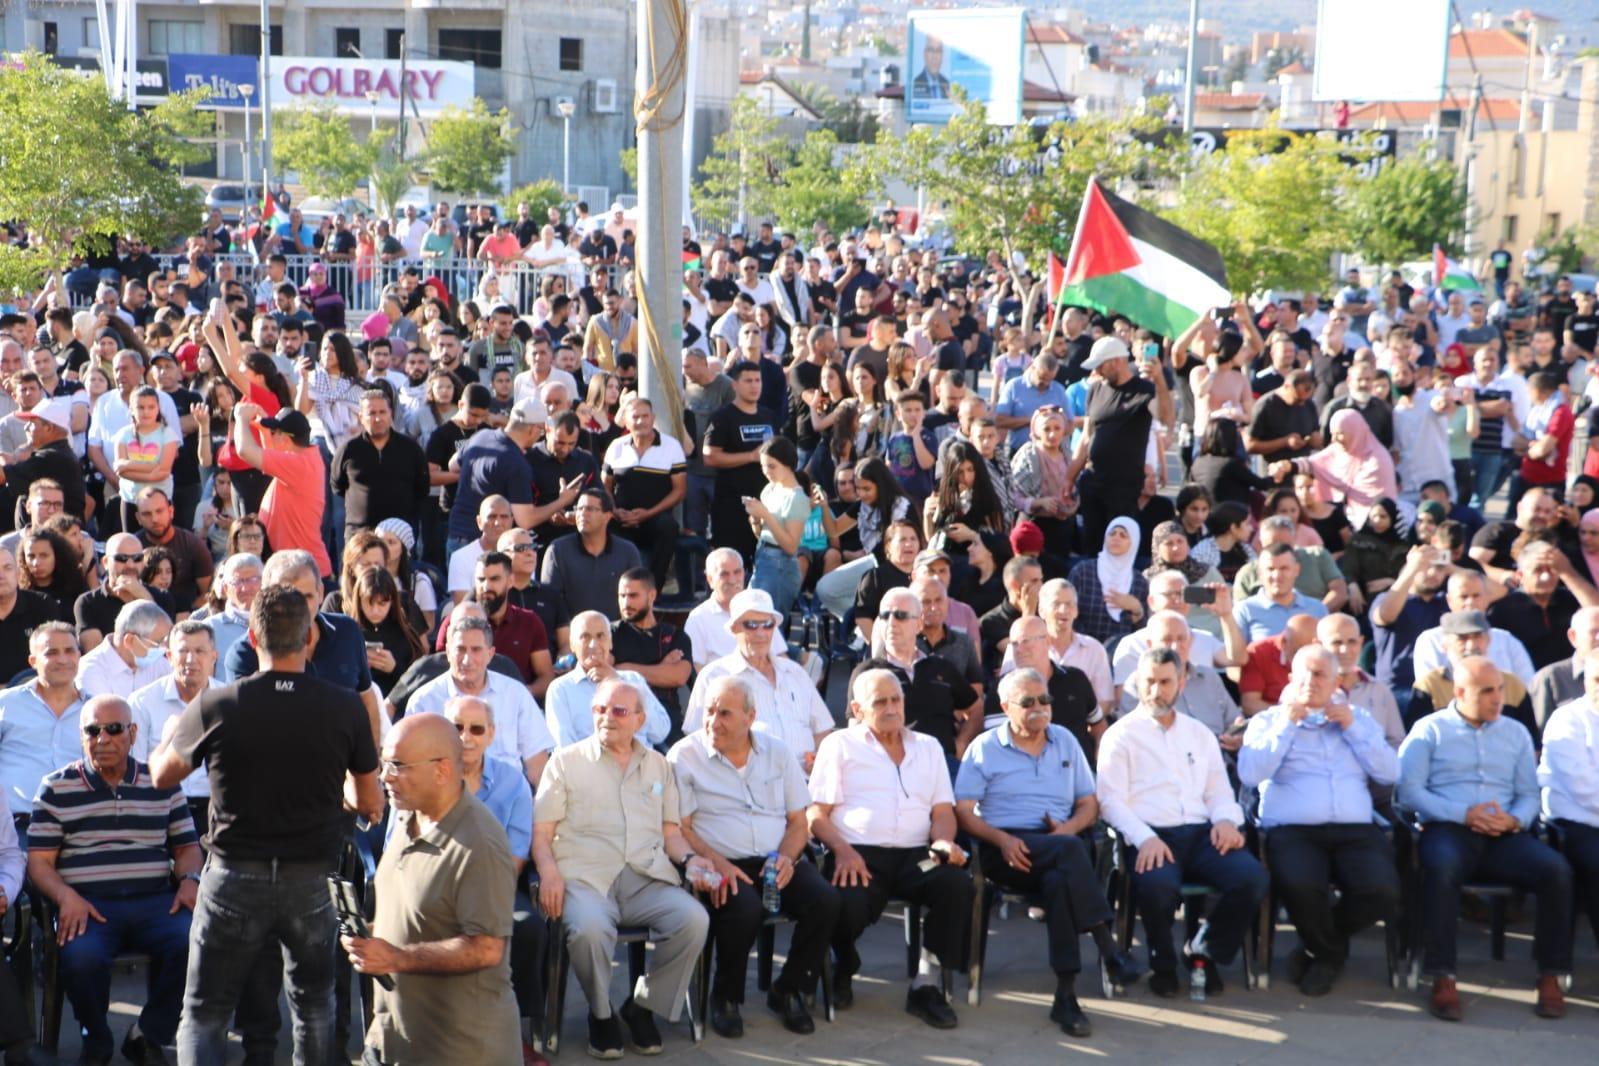 سخنين: الآلاف يتظاهرون ضد اعتداءات الاحتلال والمستوطنين وإحياء لذكرى النكبة